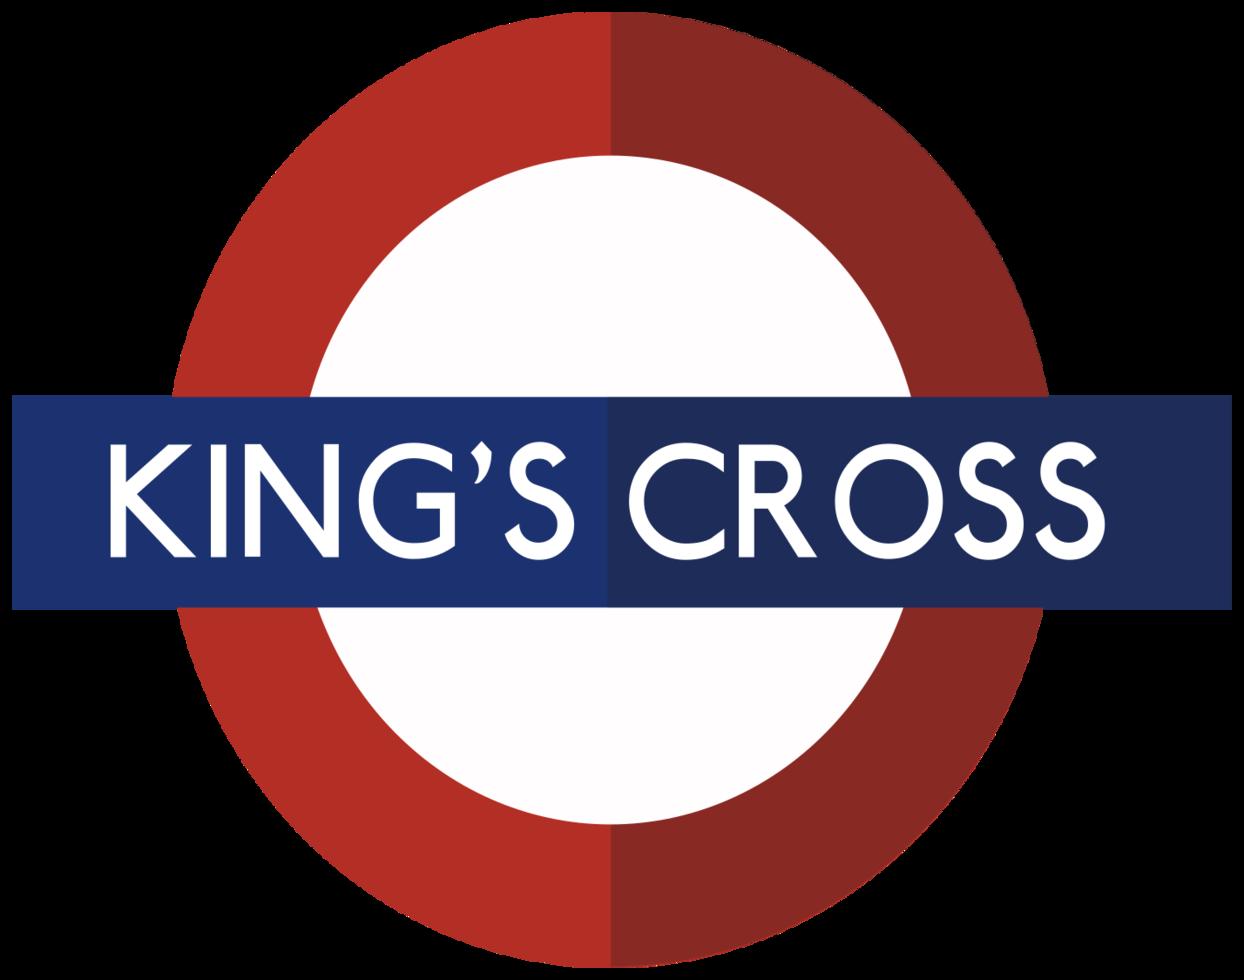 rei da cidade de londres cruz sinal png